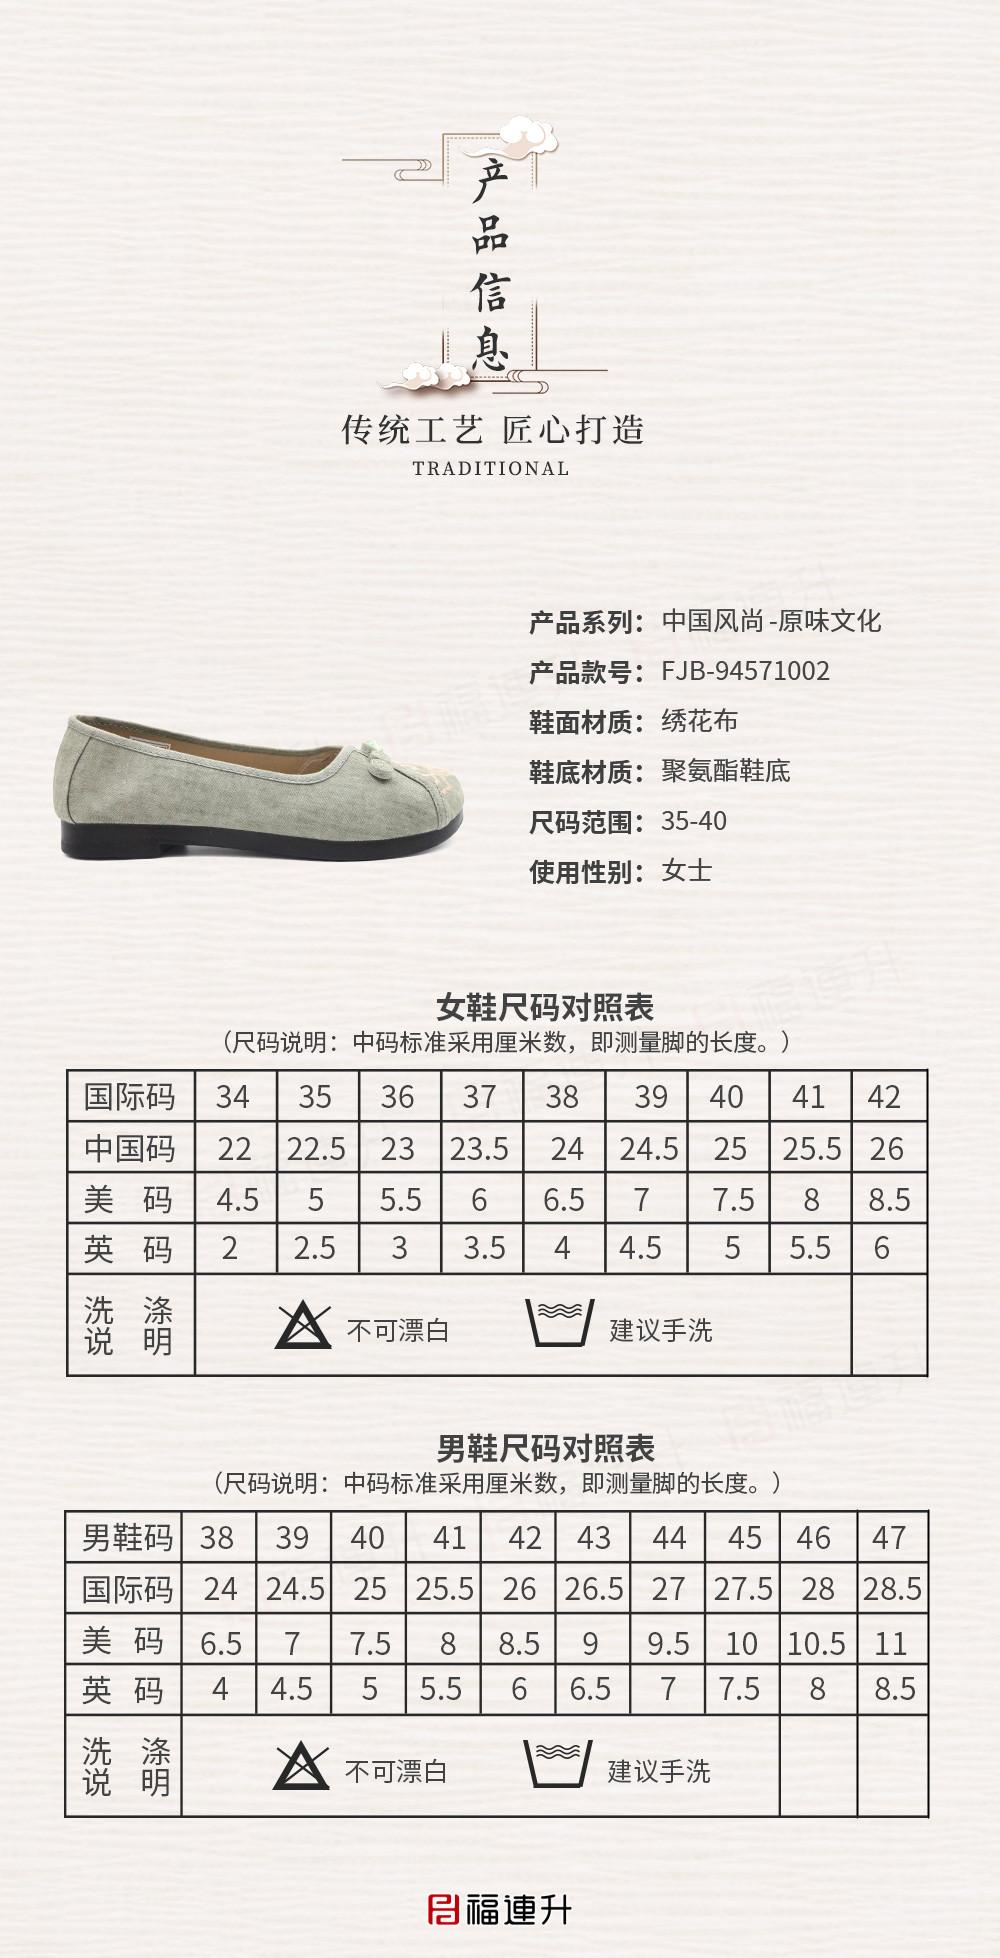 福连升老北京布鞋绣花布浅口平底女鞋素面古风古装鞋子图片